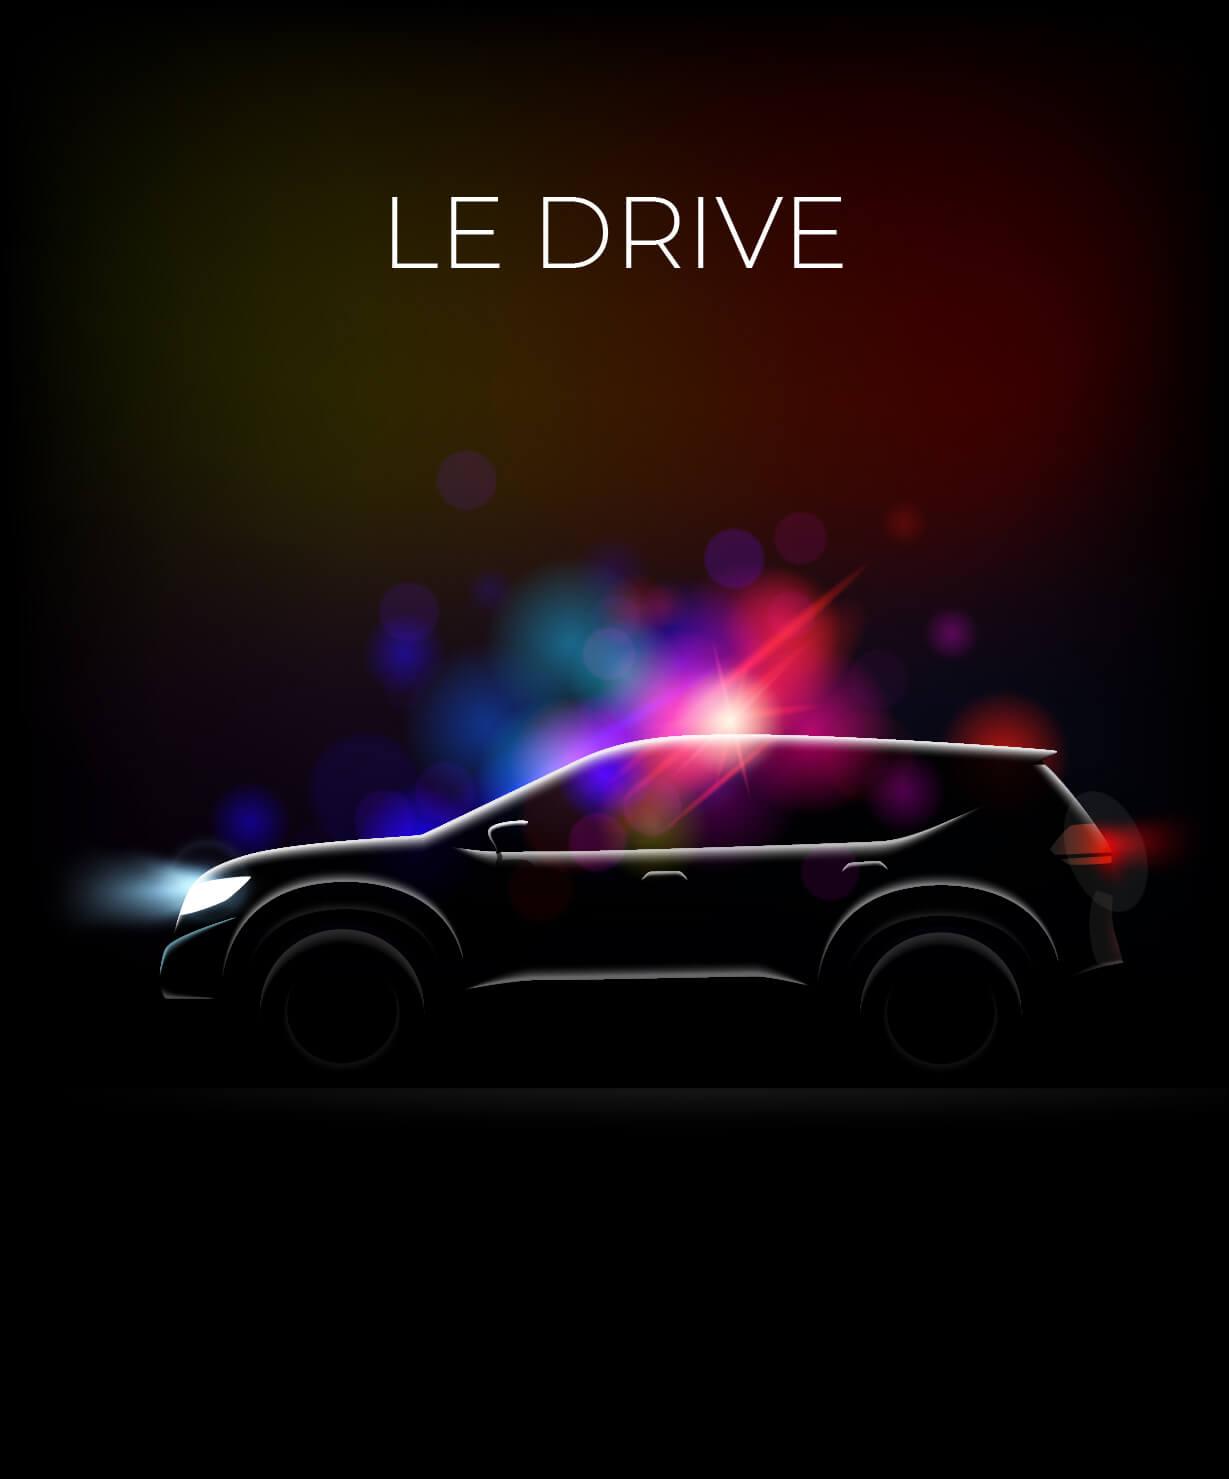 Drive-01.jpg